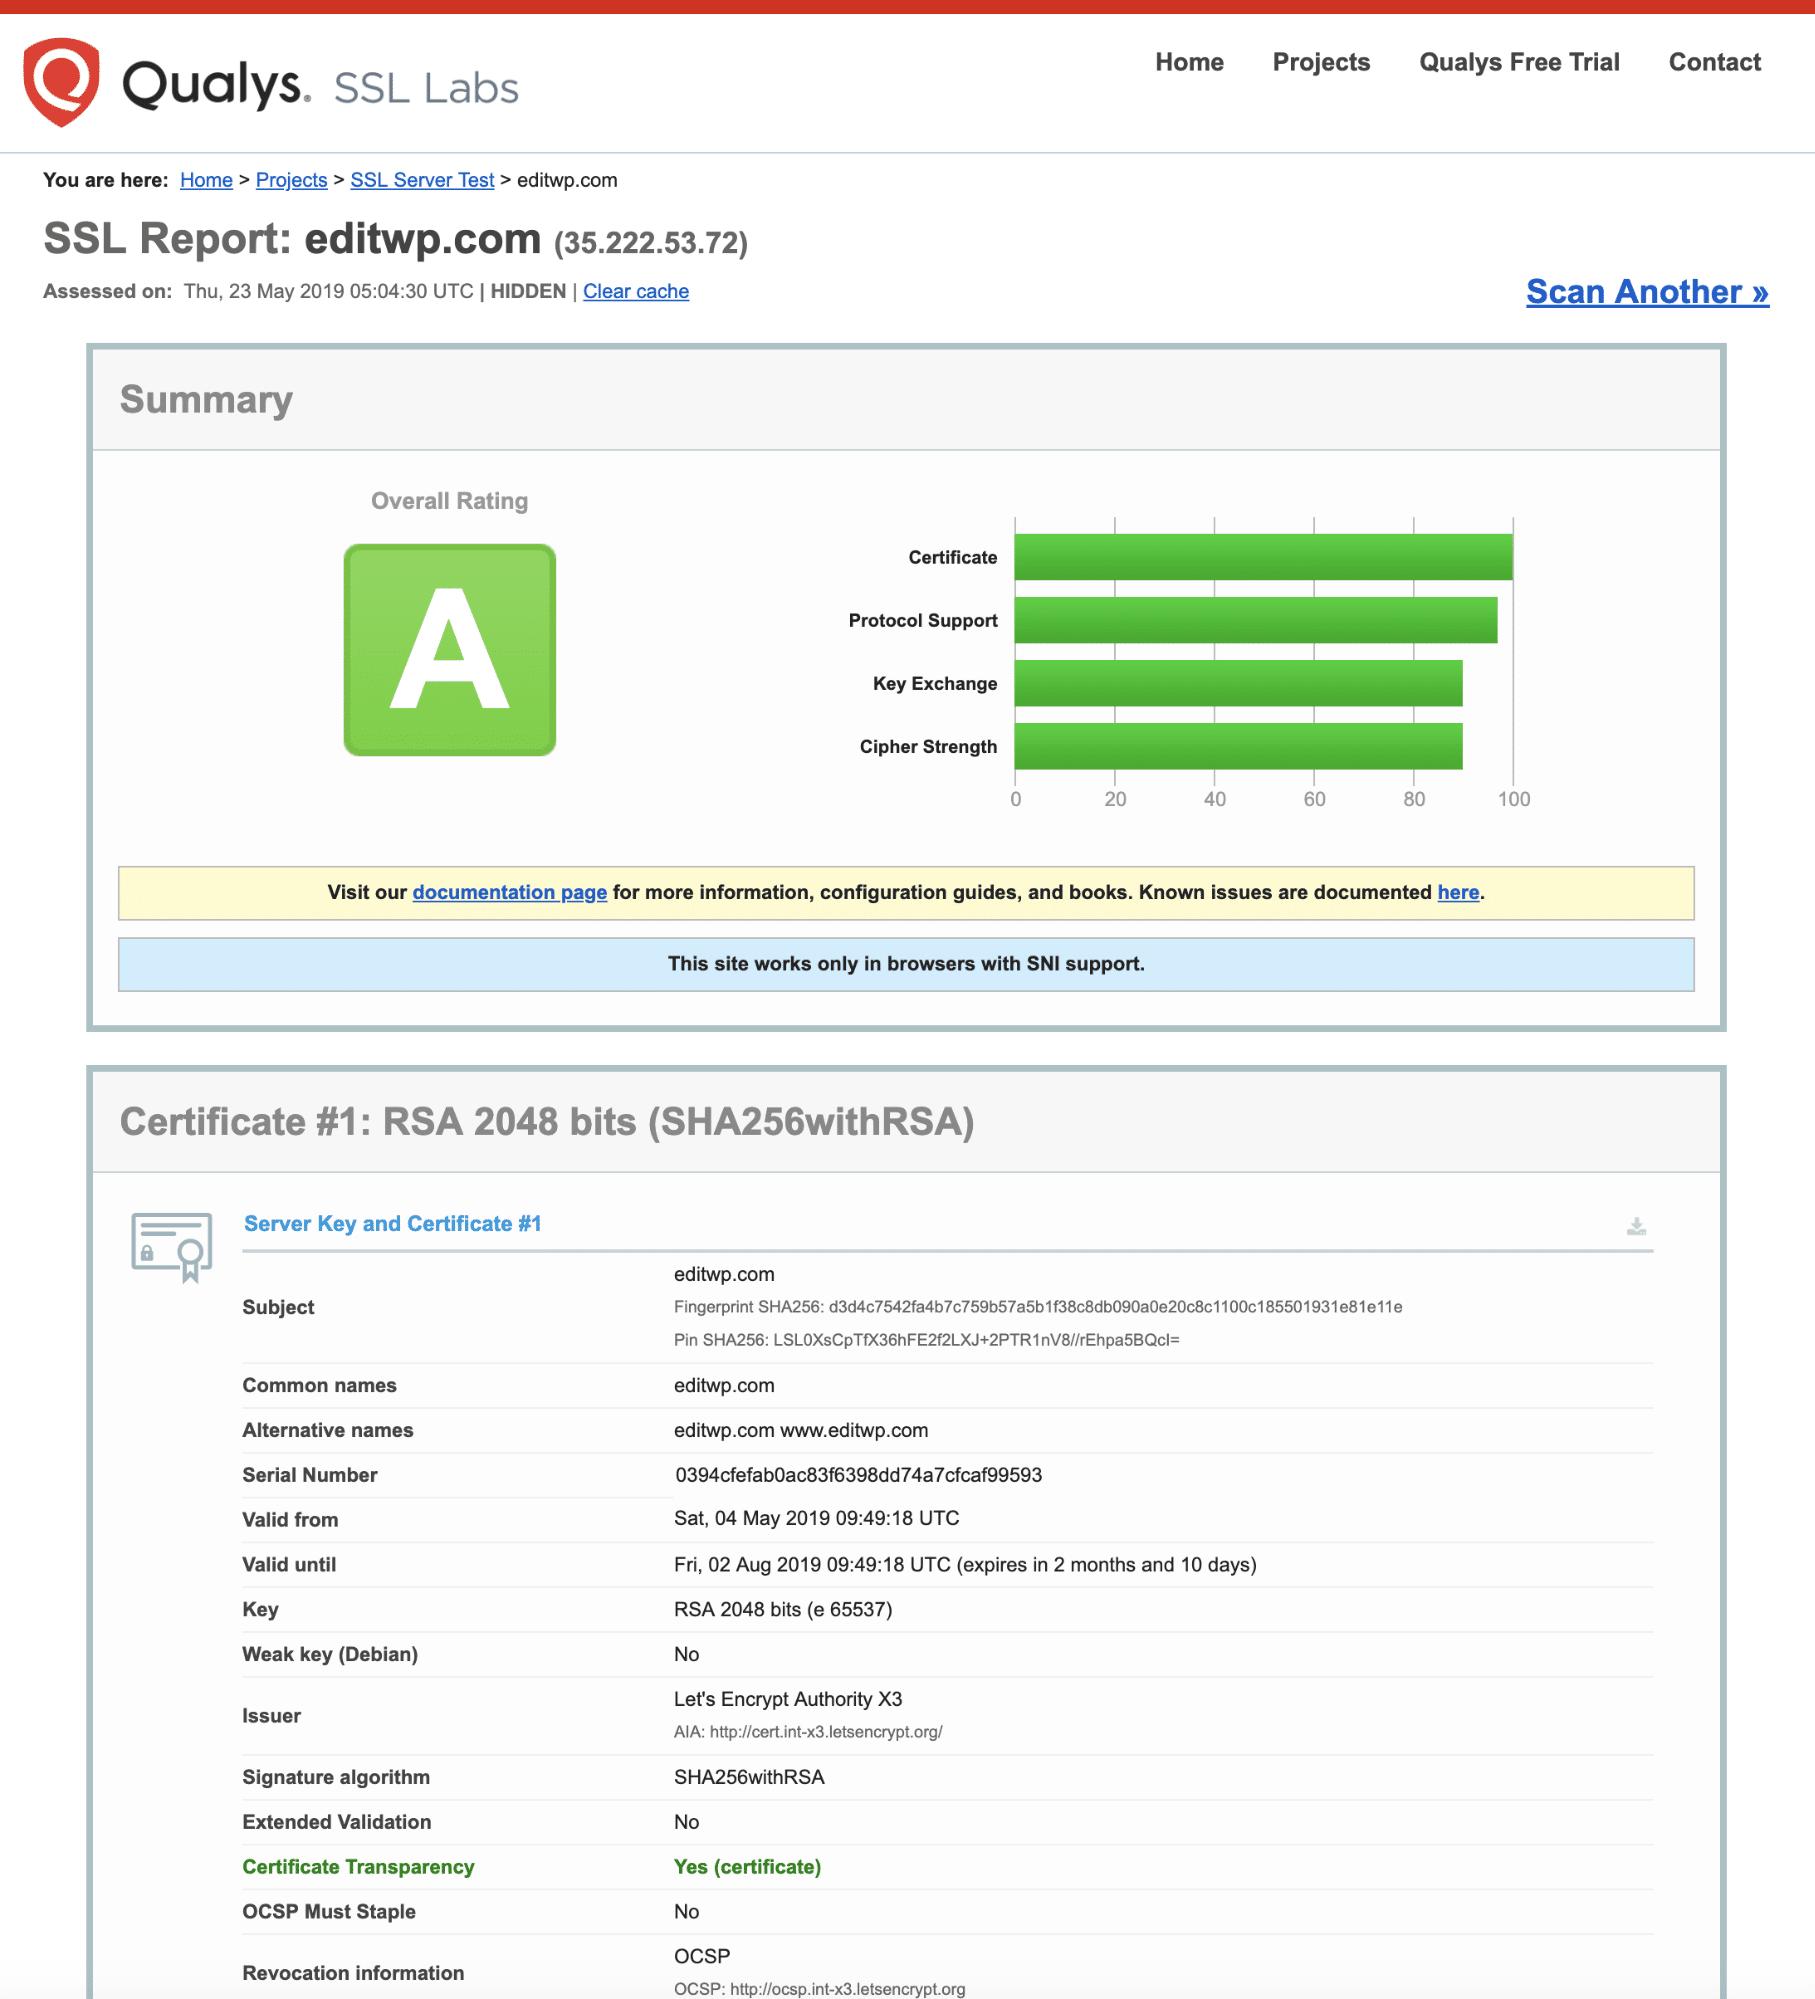 SSL Report Qualys